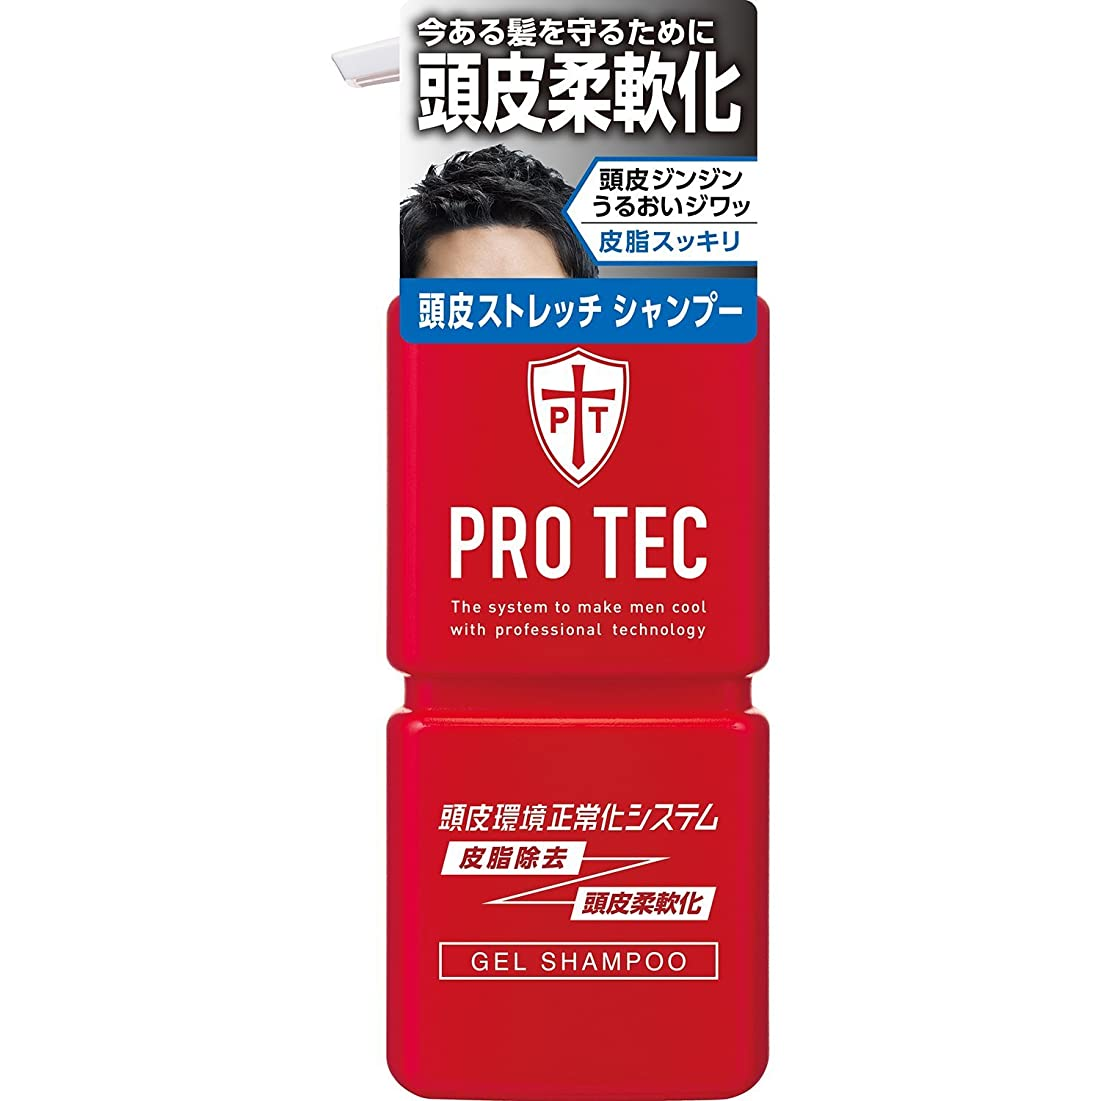 富批判流体PRO TEC(プロテク) 頭皮ストレッチ シャンプー 本体ポンプ 300g(医薬部外品)